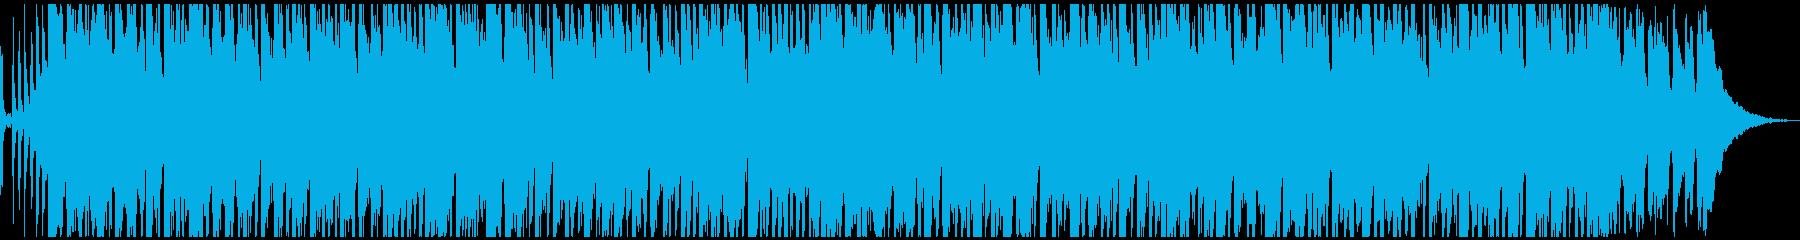 ティーン トロピカル 民謡 コーポ...の再生済みの波形